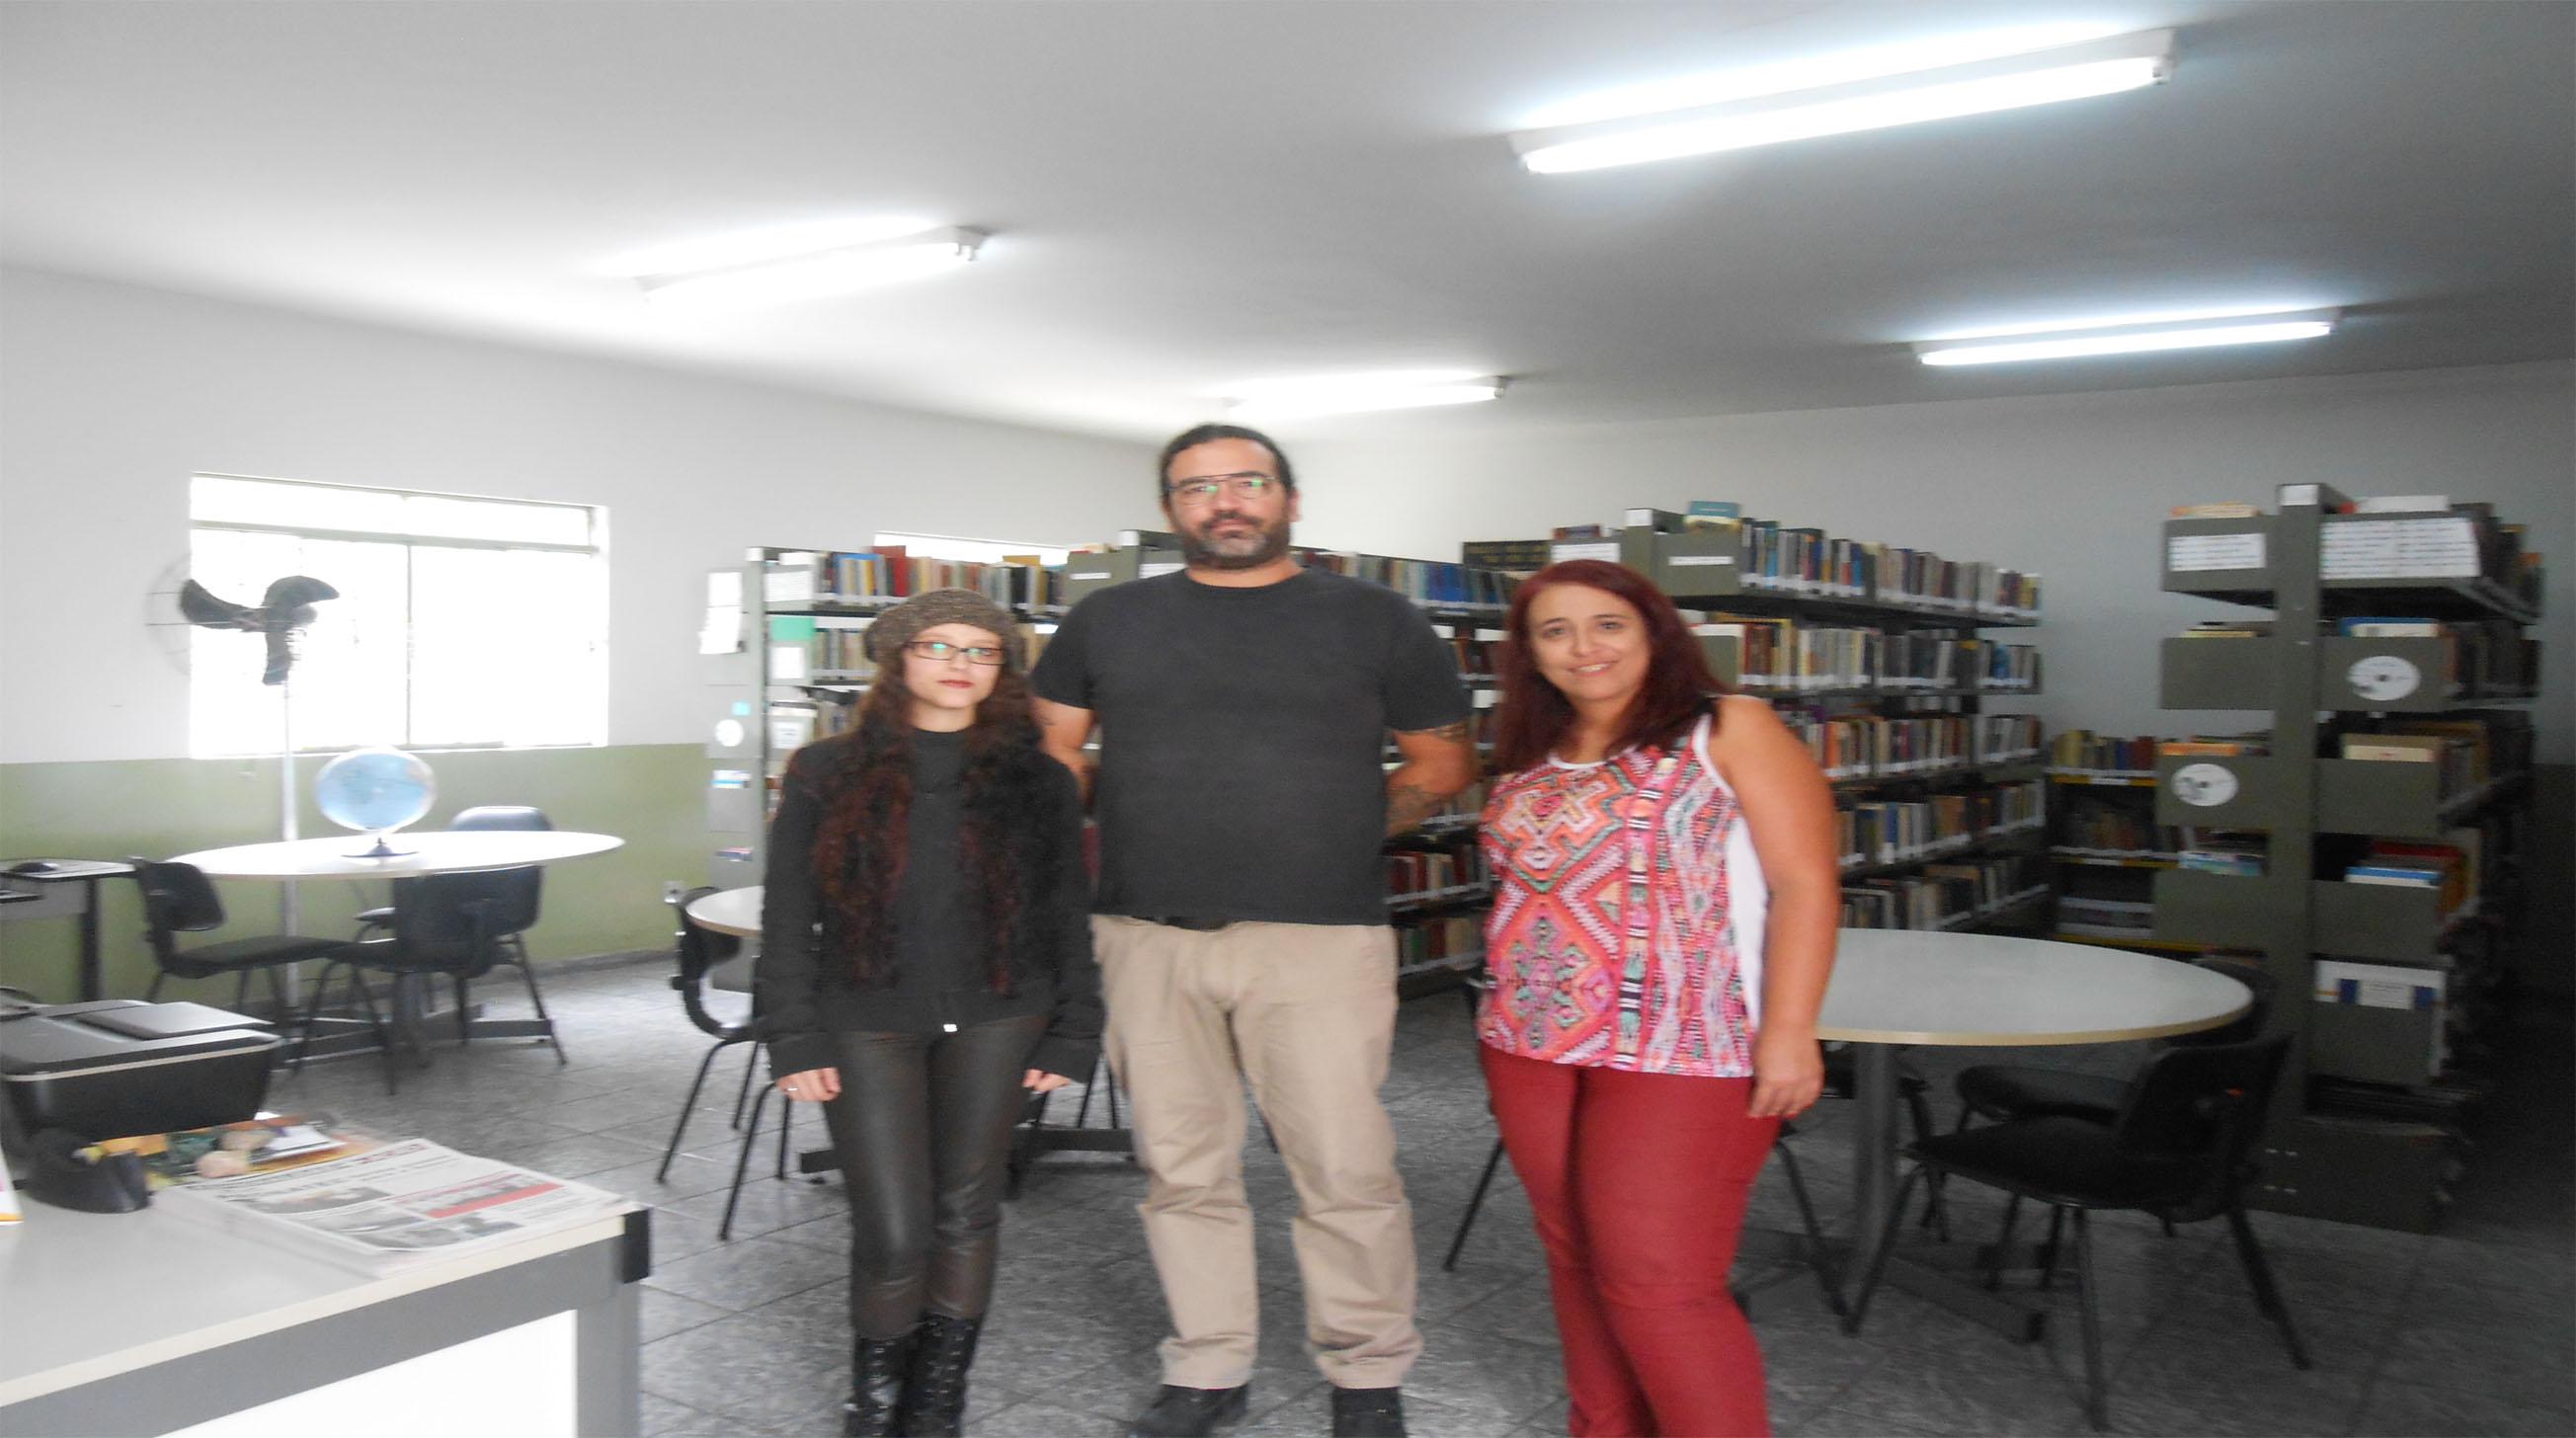 Equipe reestruturou o acervo da biblioteca (Foto: Divulgação)